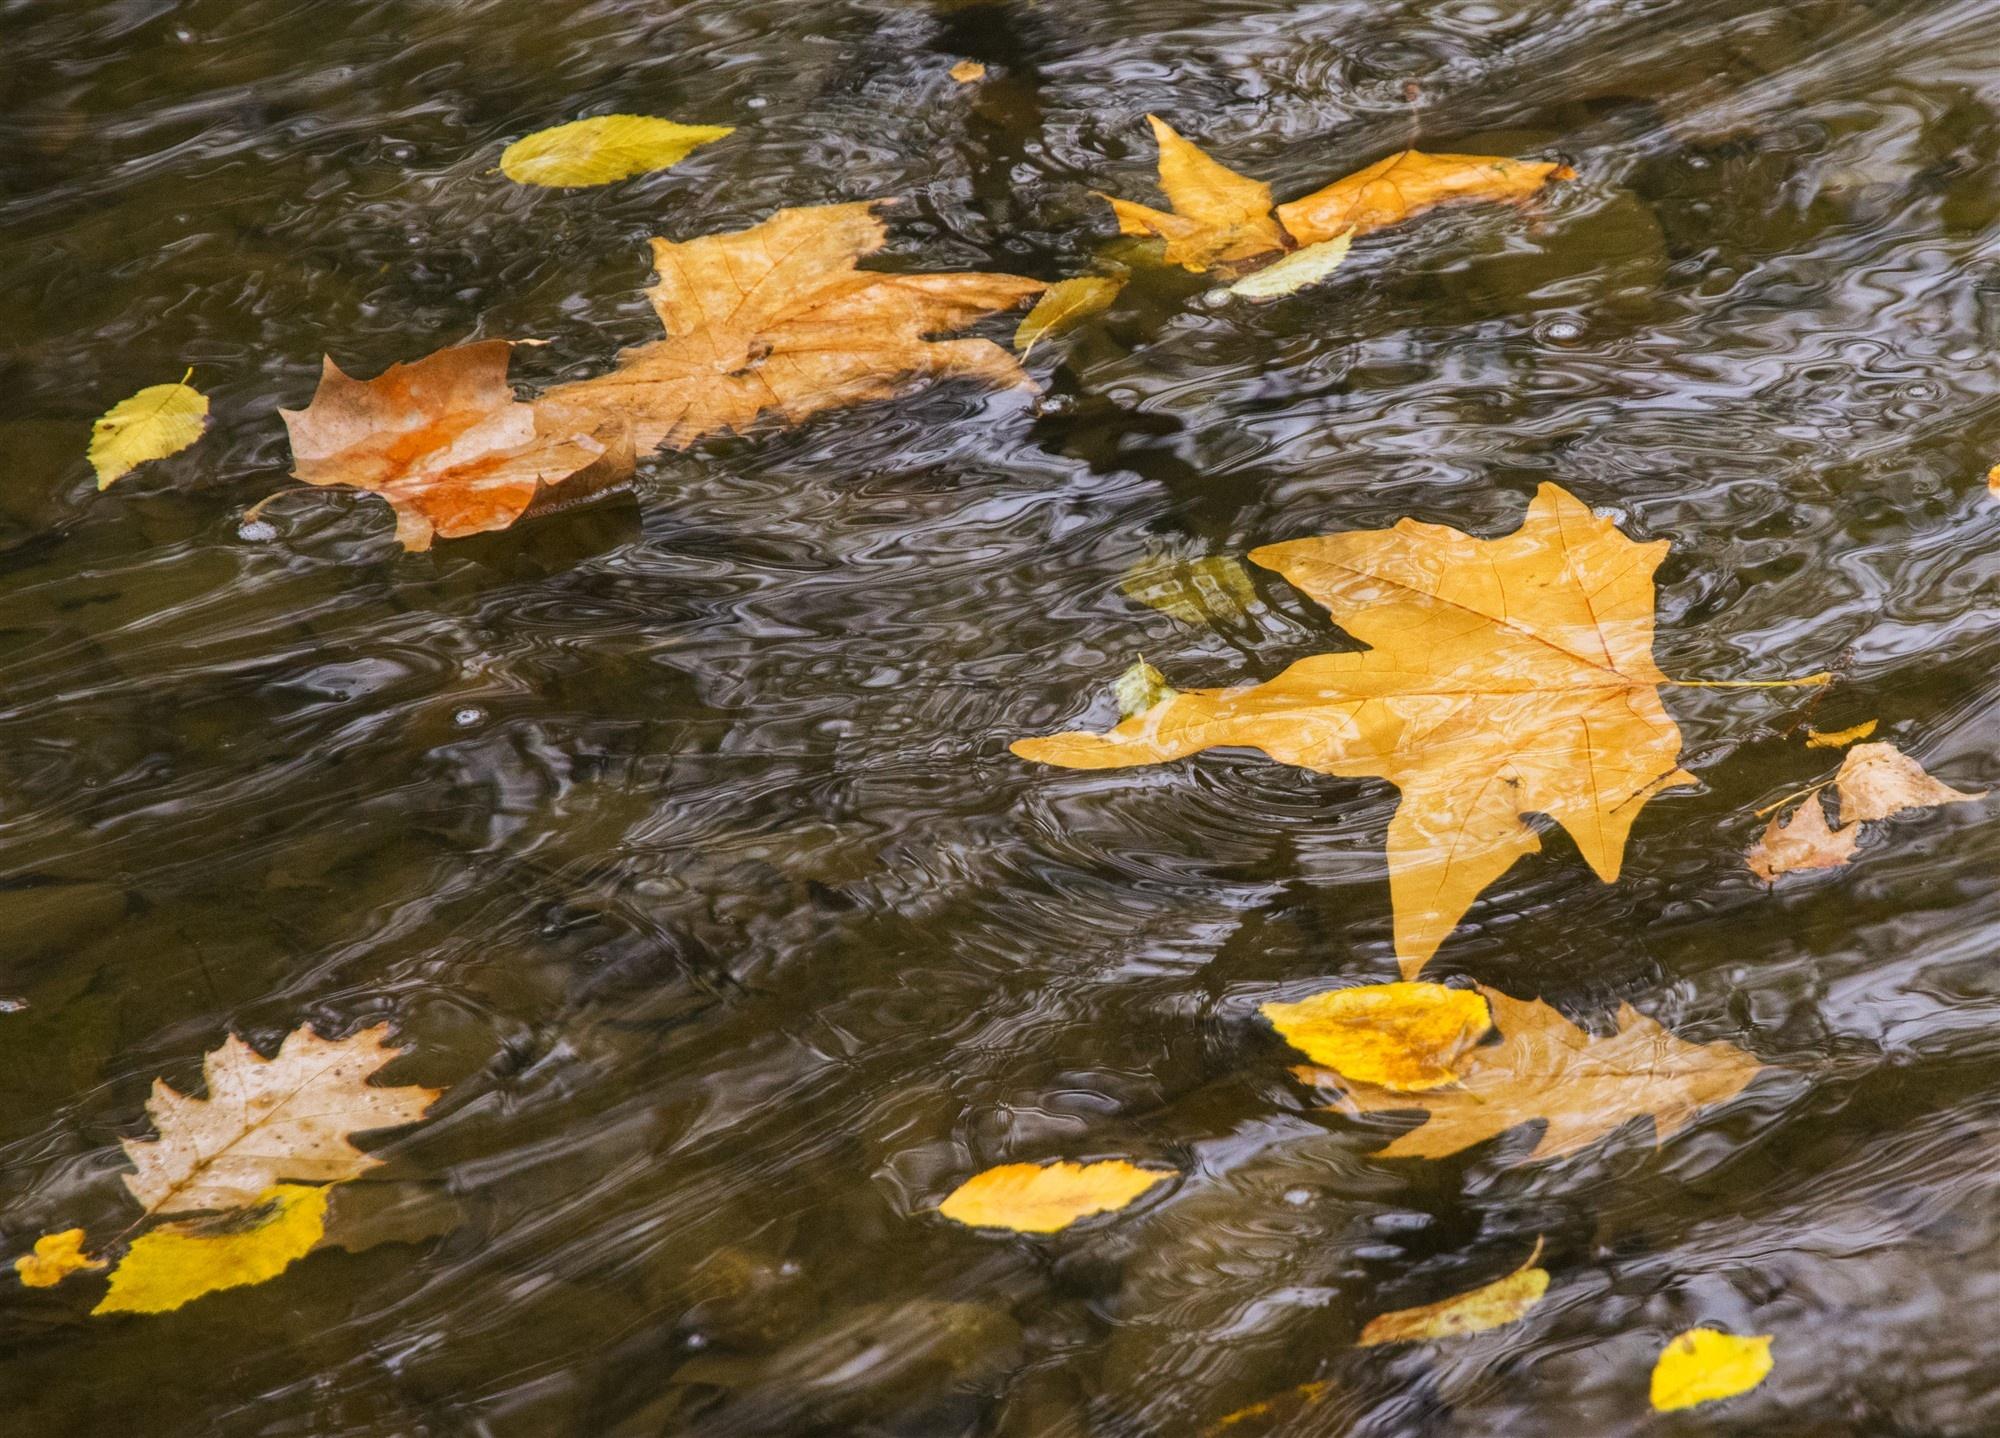 Картинки осенние листья на воде